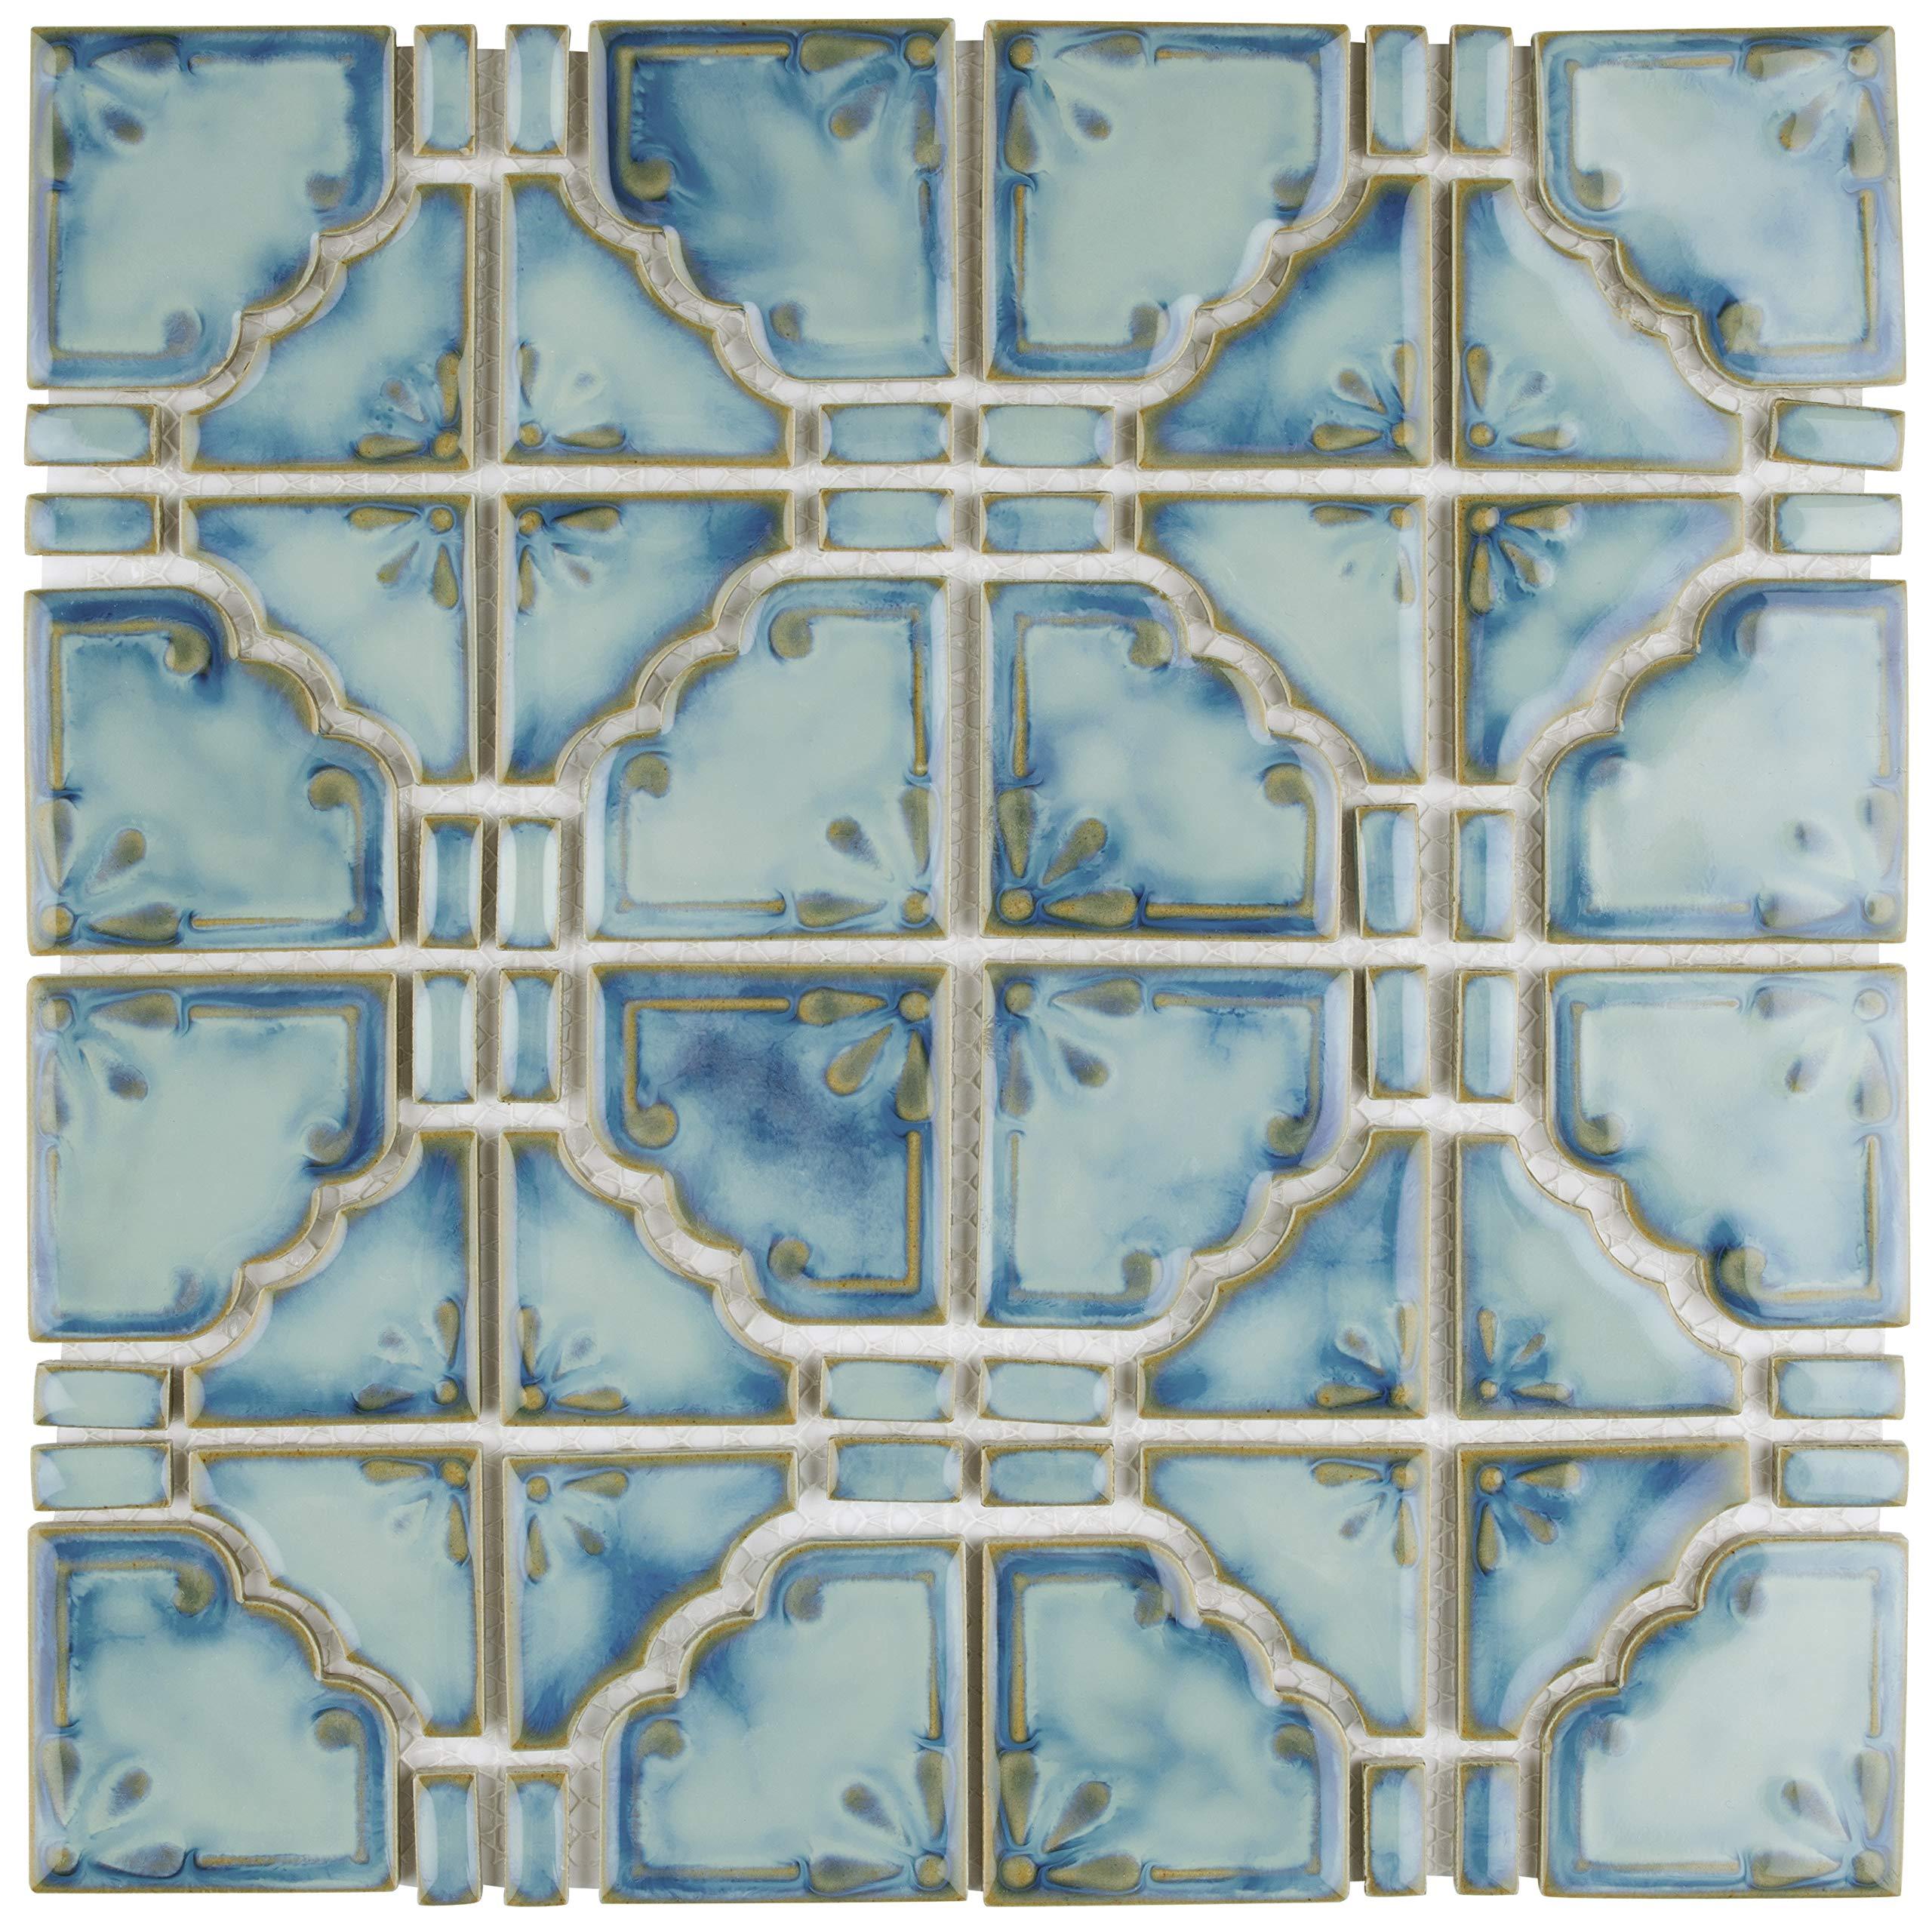 SomerTile FKOMB21 Moonlight Diva Porcelain Floor and Wall Tile, 11.75'' x 11.75'', Blue